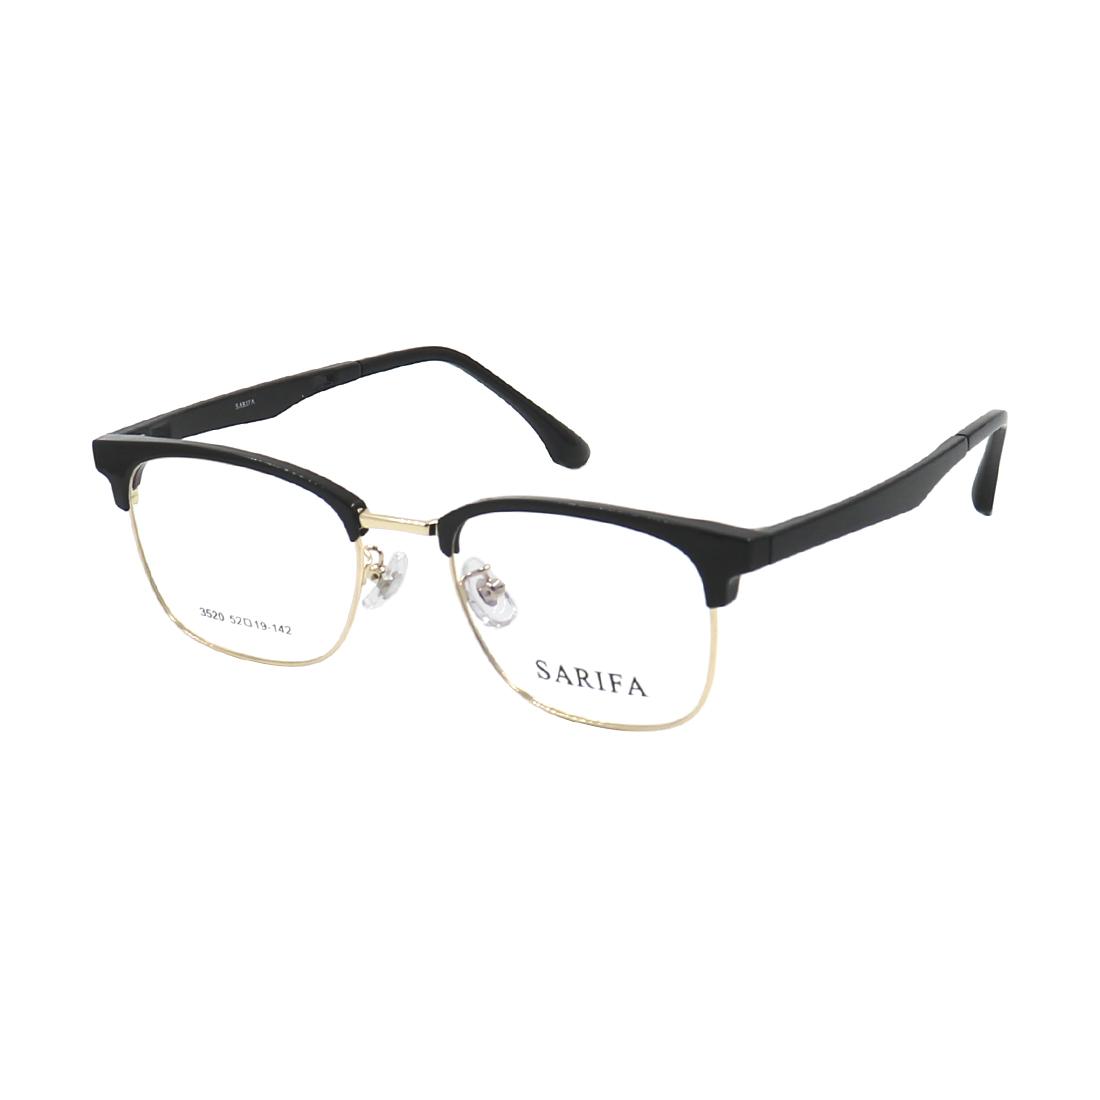 Gọng kính, mắt kính SARIFA 3520 (52-19-142) chính hãng, nhiều màu lựa chọn